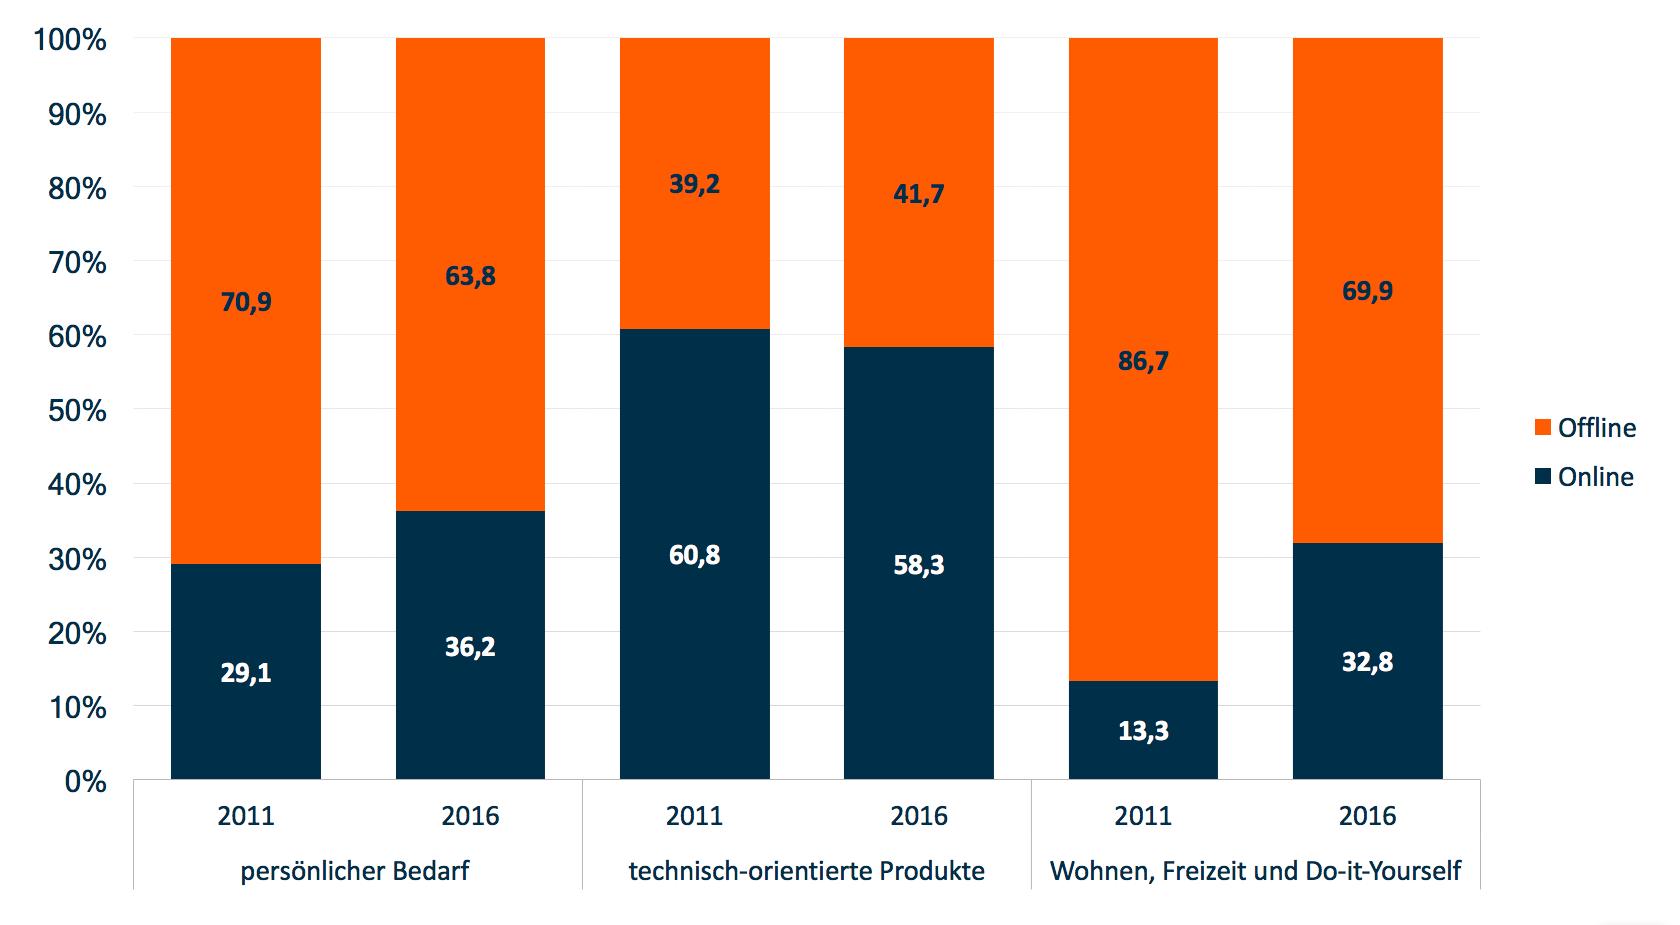 Sterbende Innenstädte: Aggregierte Einkaufspräferenzen nach Produktbereichen